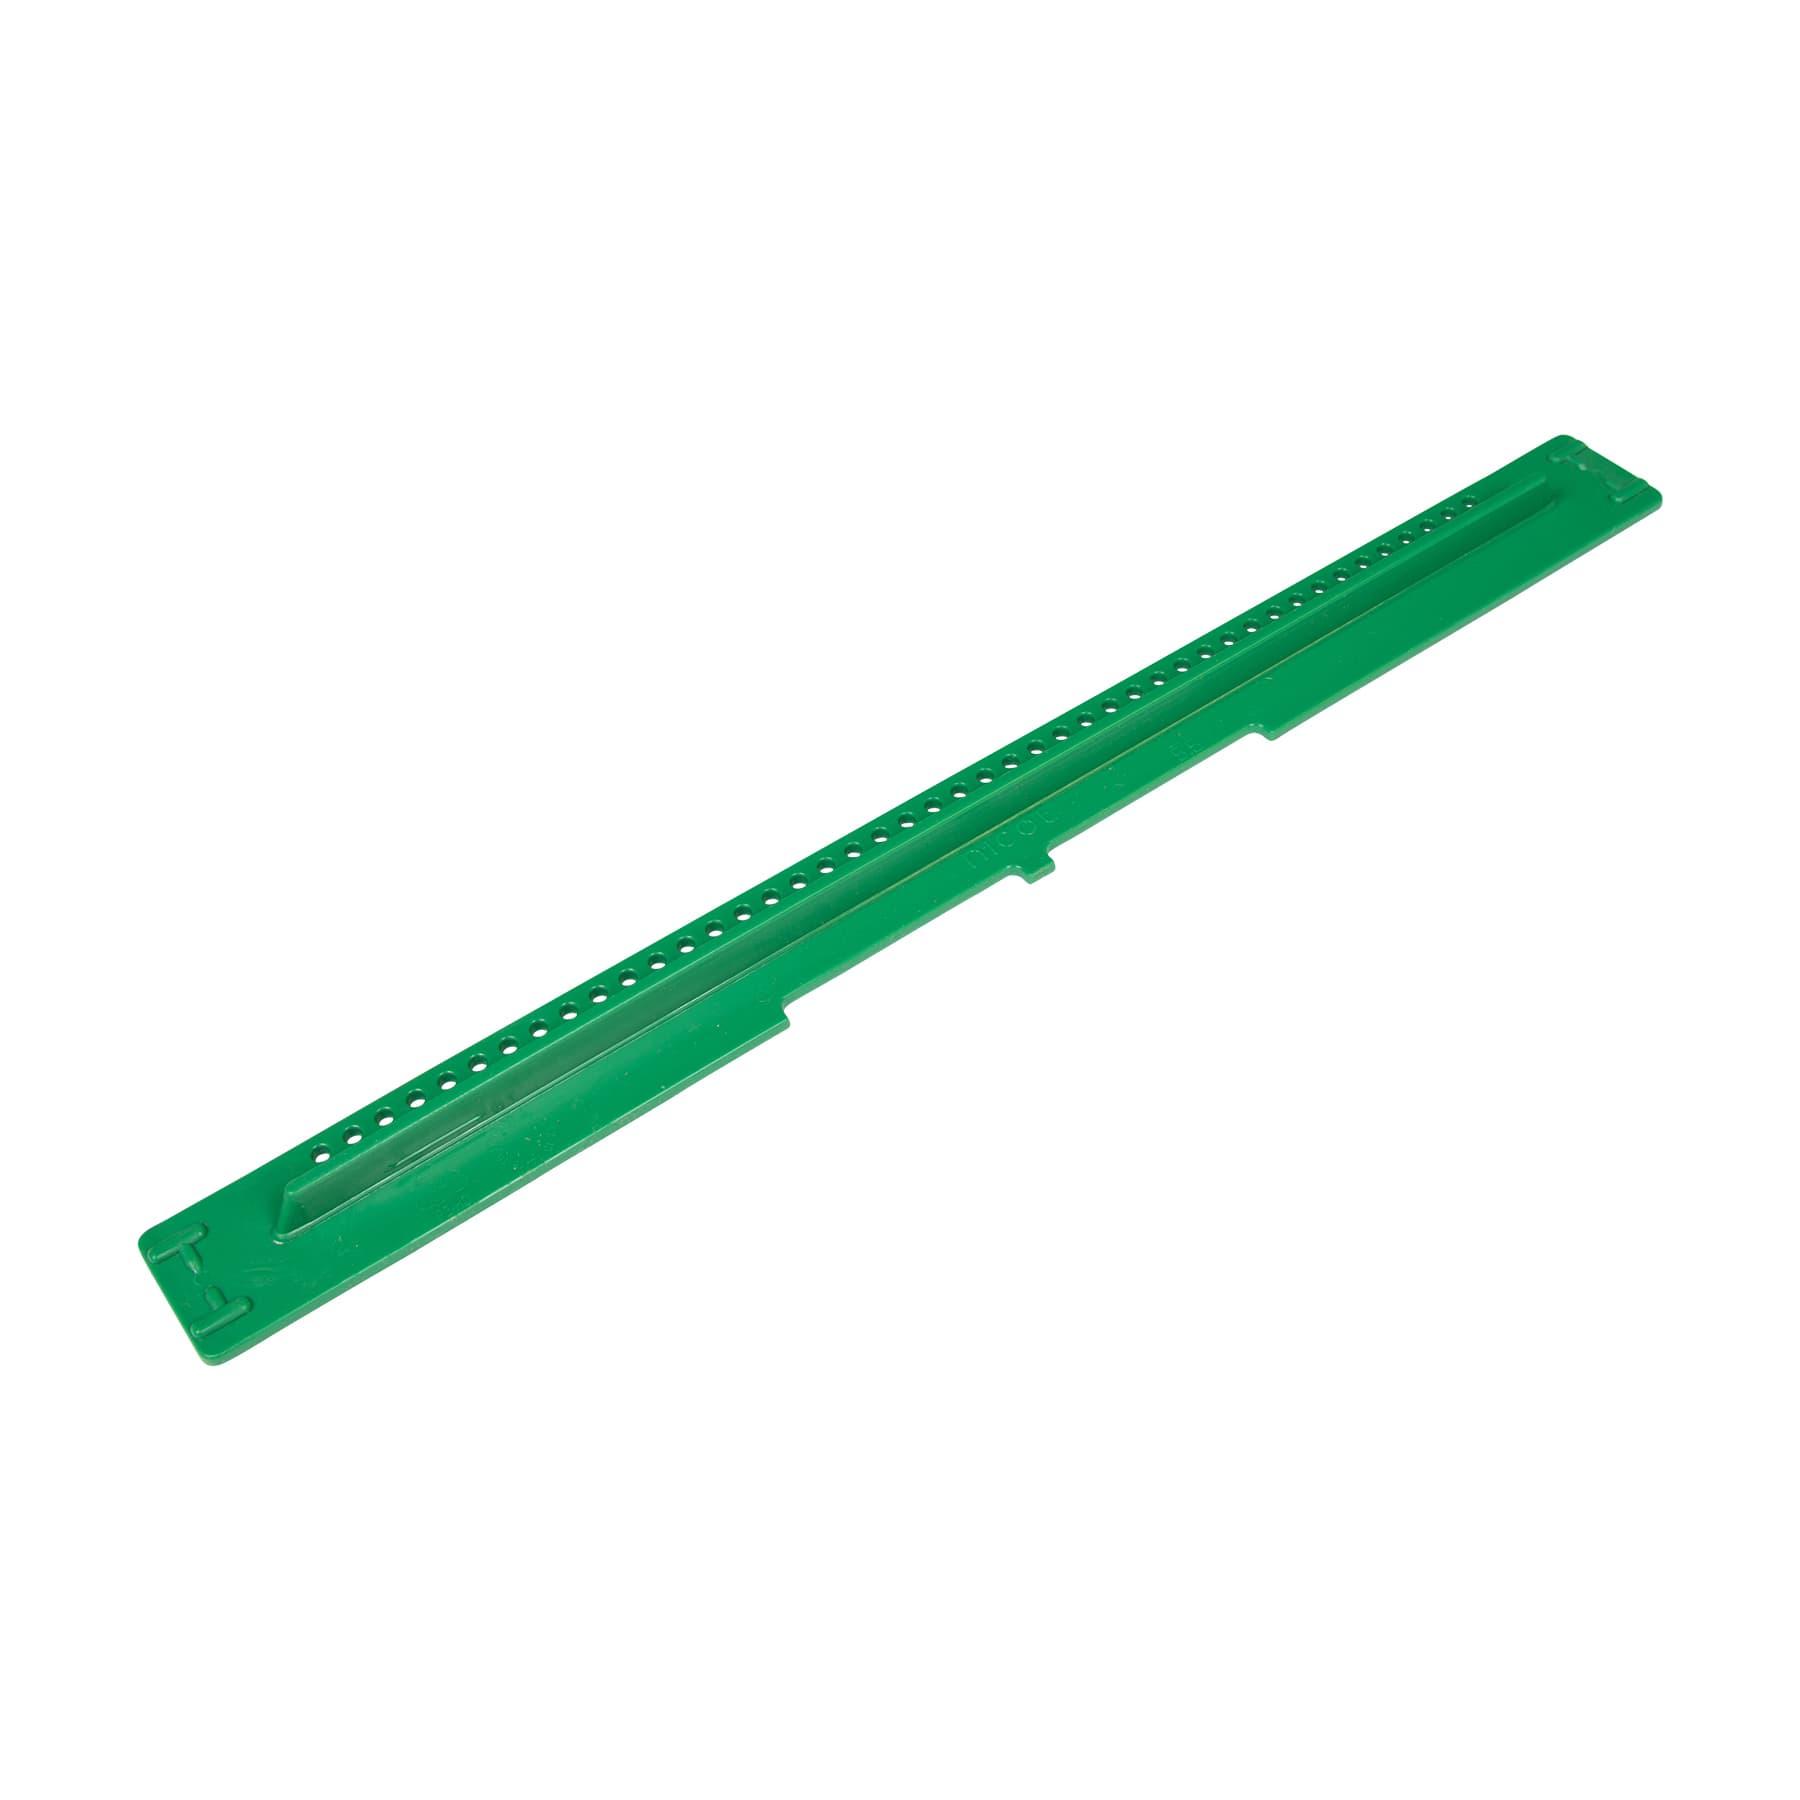 Fluglochschieber 419 x 38 x 3 mm original Nicot grün, mit Gitter und Fluglochschlitz, undruchlässig für asiatische Hornisse und Drohne